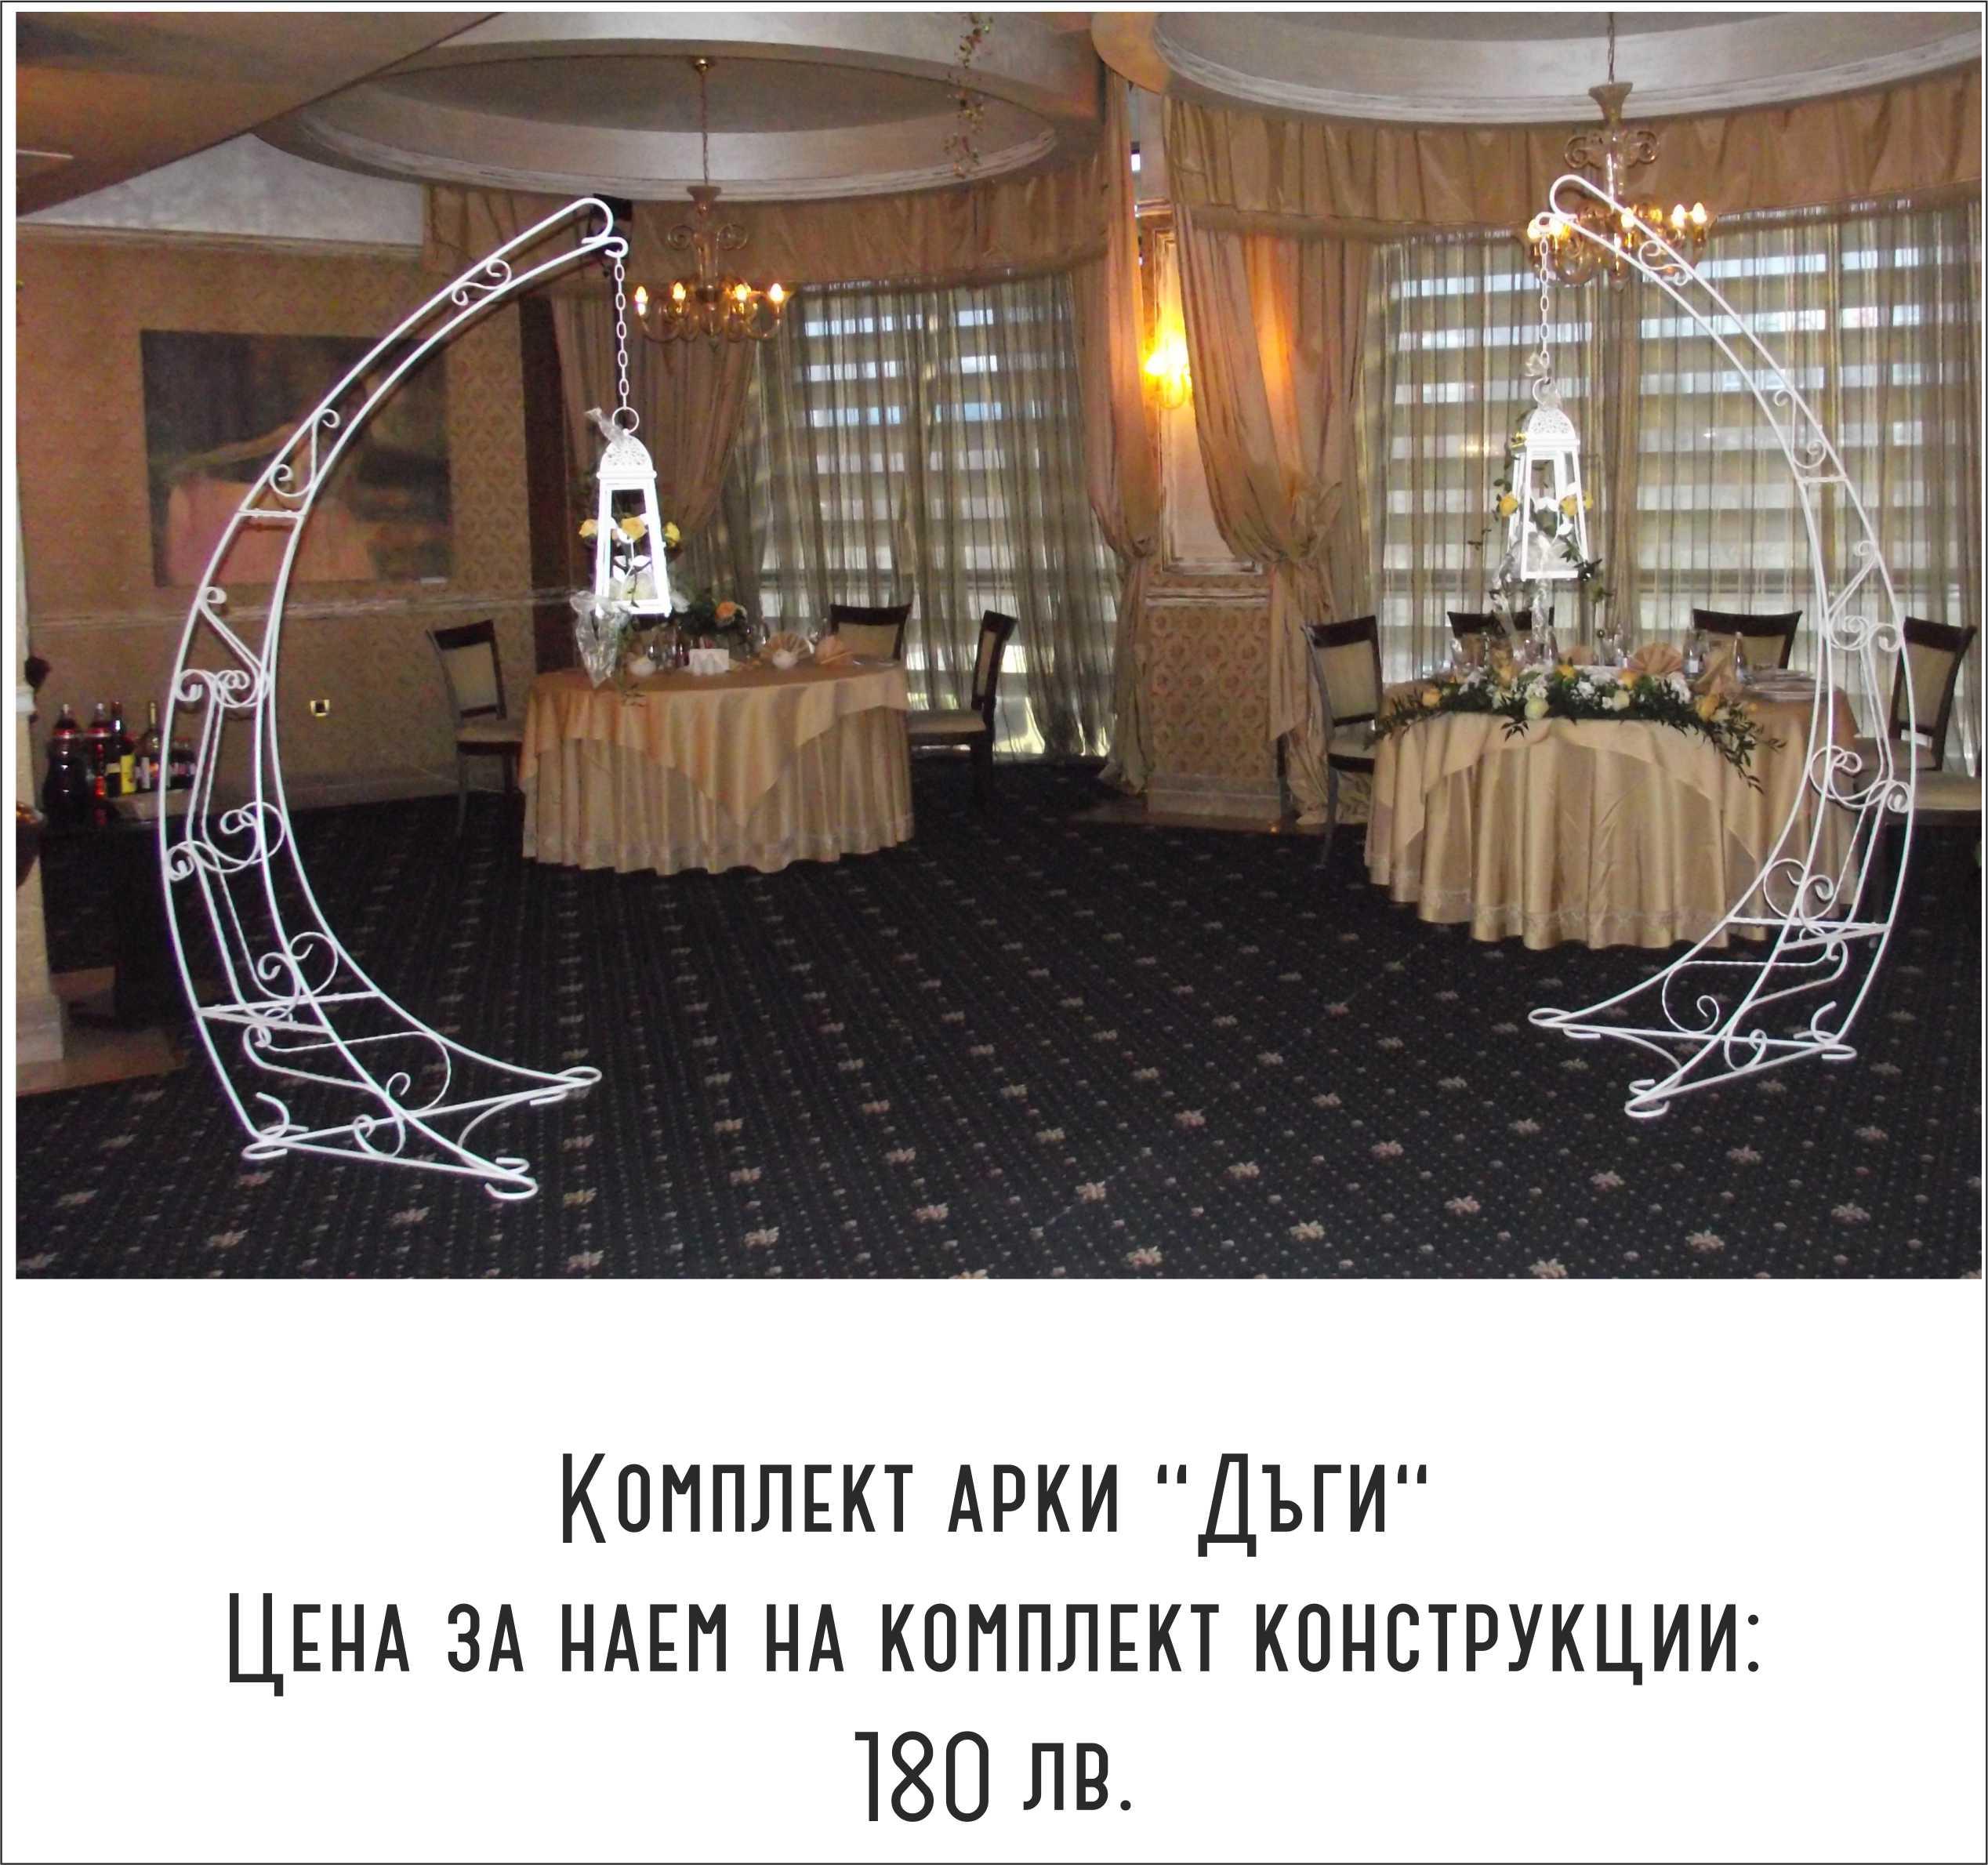 Комплект арки ДЪГИ. Цена за наем на комплект конструкции: 180 лв